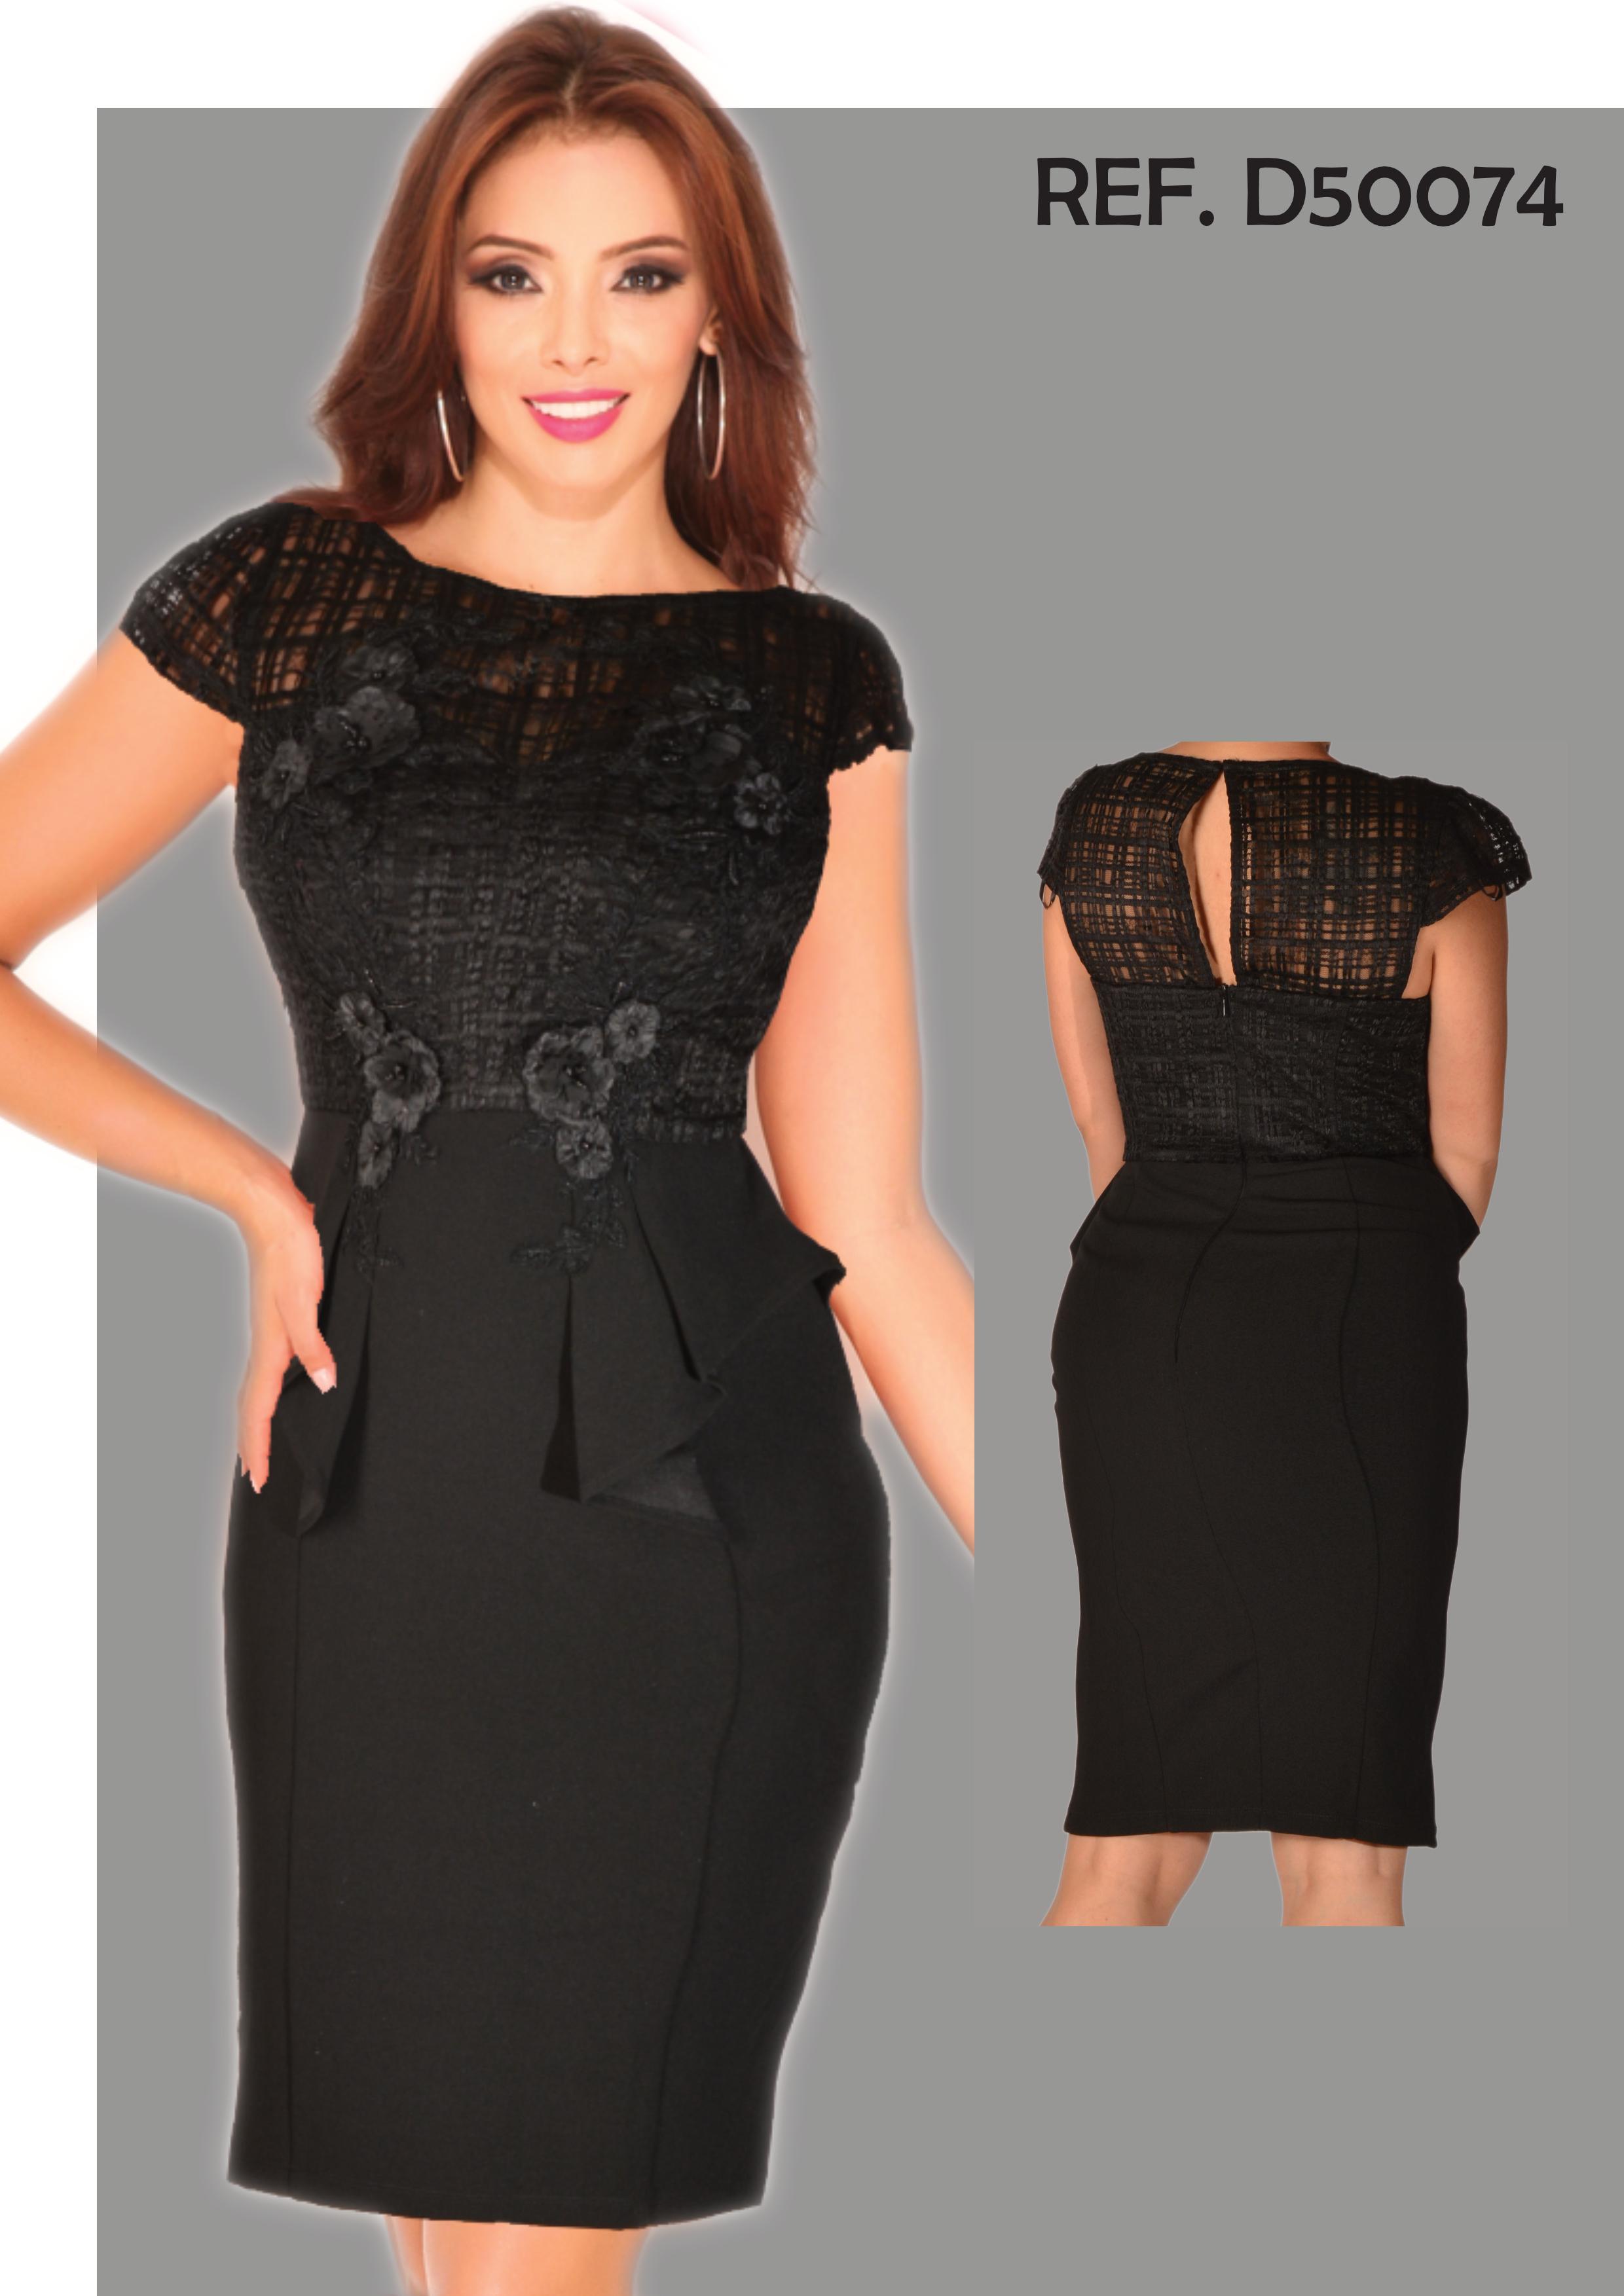 Vestido Americano de Fiesta clásico color negro con decorado Superior artesanal de Flores y Malla